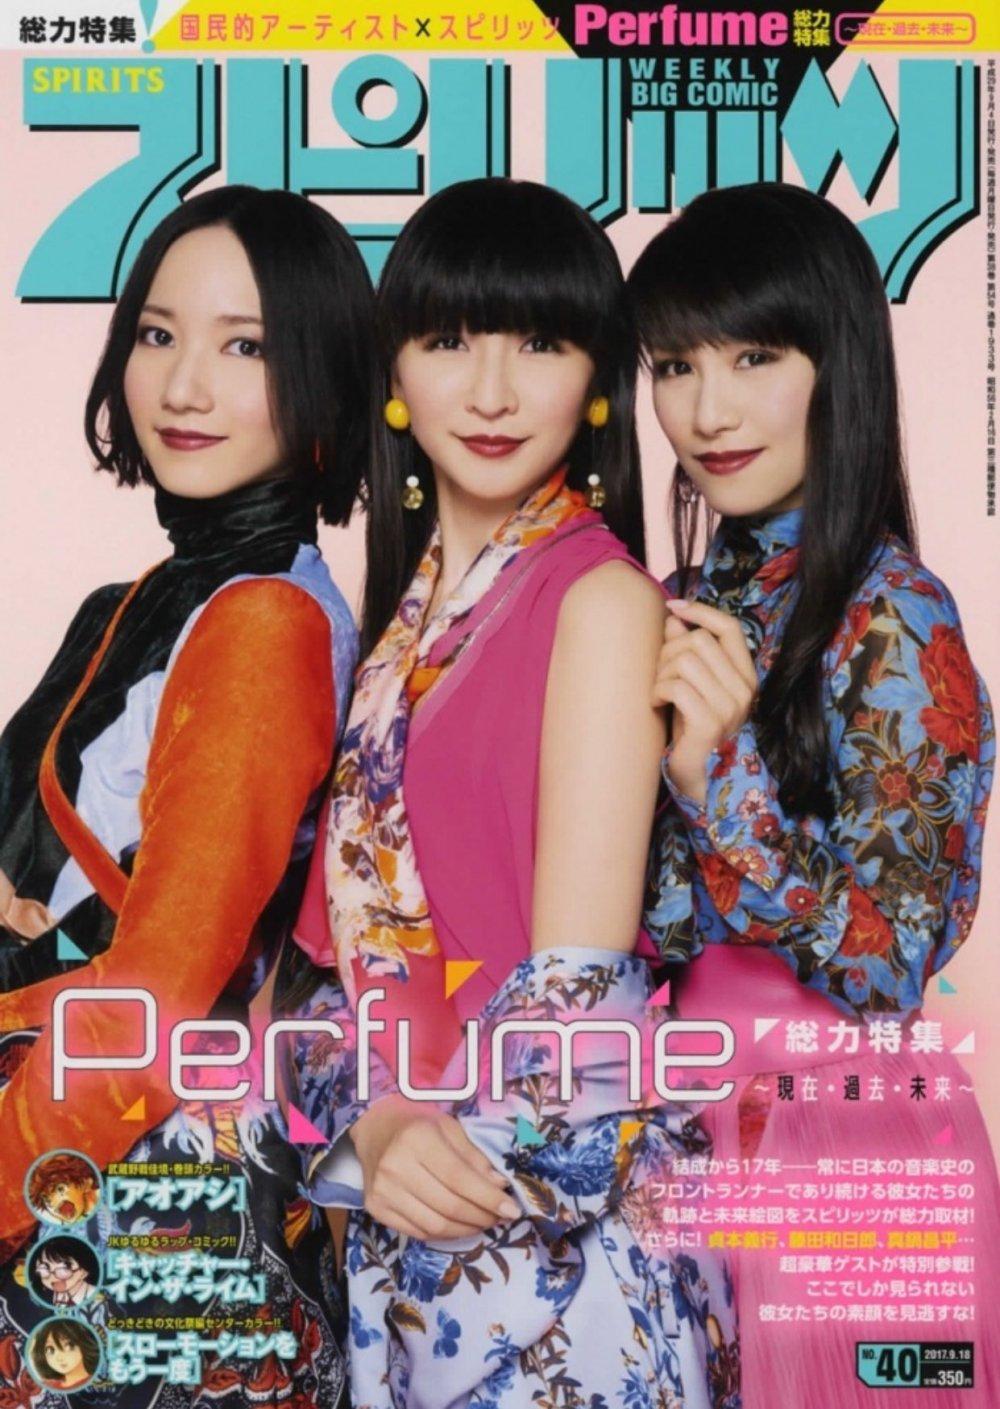 Perfume tendrá un mini-manga en la revista Big Comic Spirits